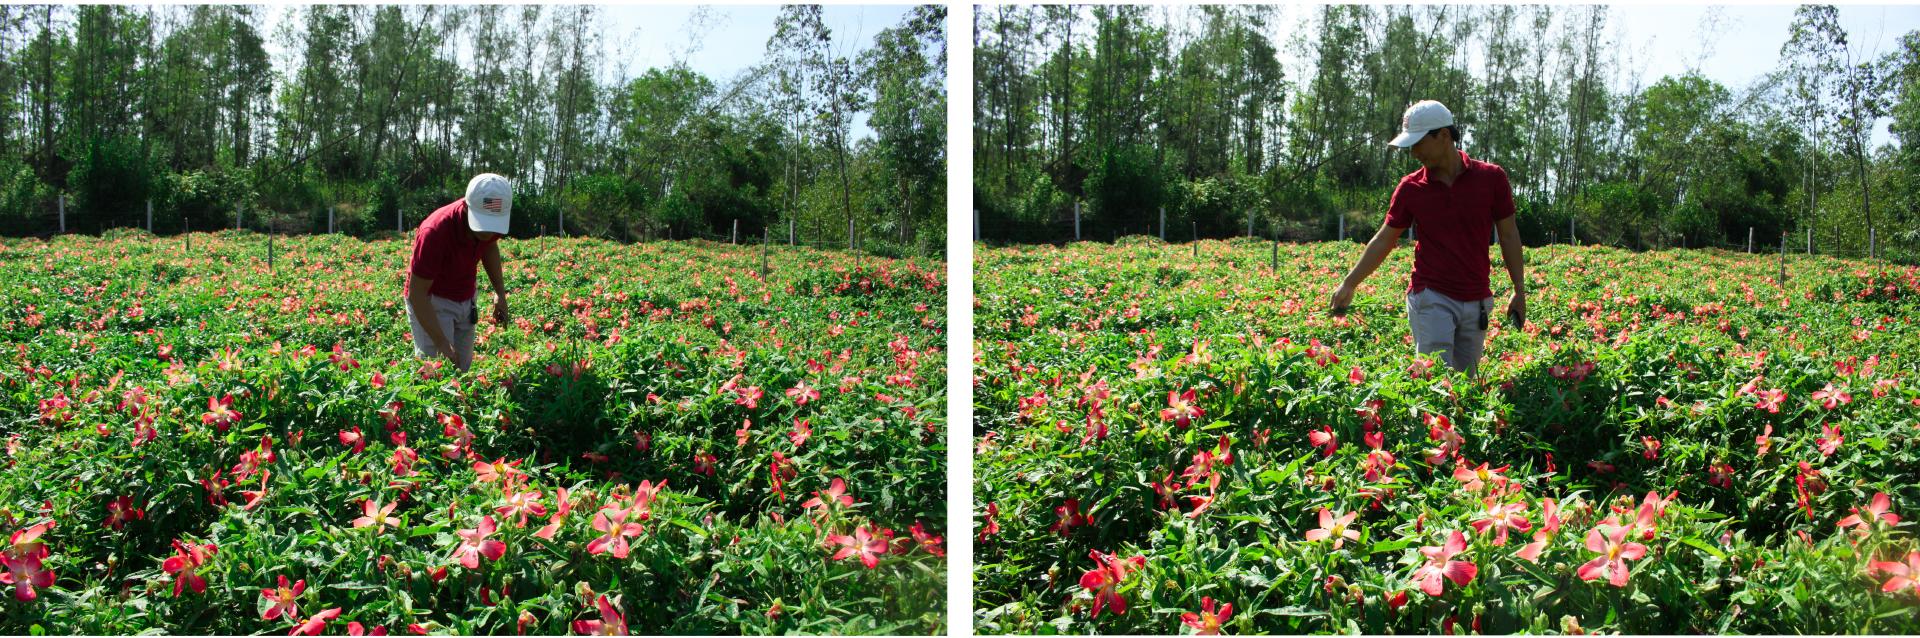 Sâm Bố Chính nở hoa rực rỡ trên đất Quảng Ngãi ảnh 8